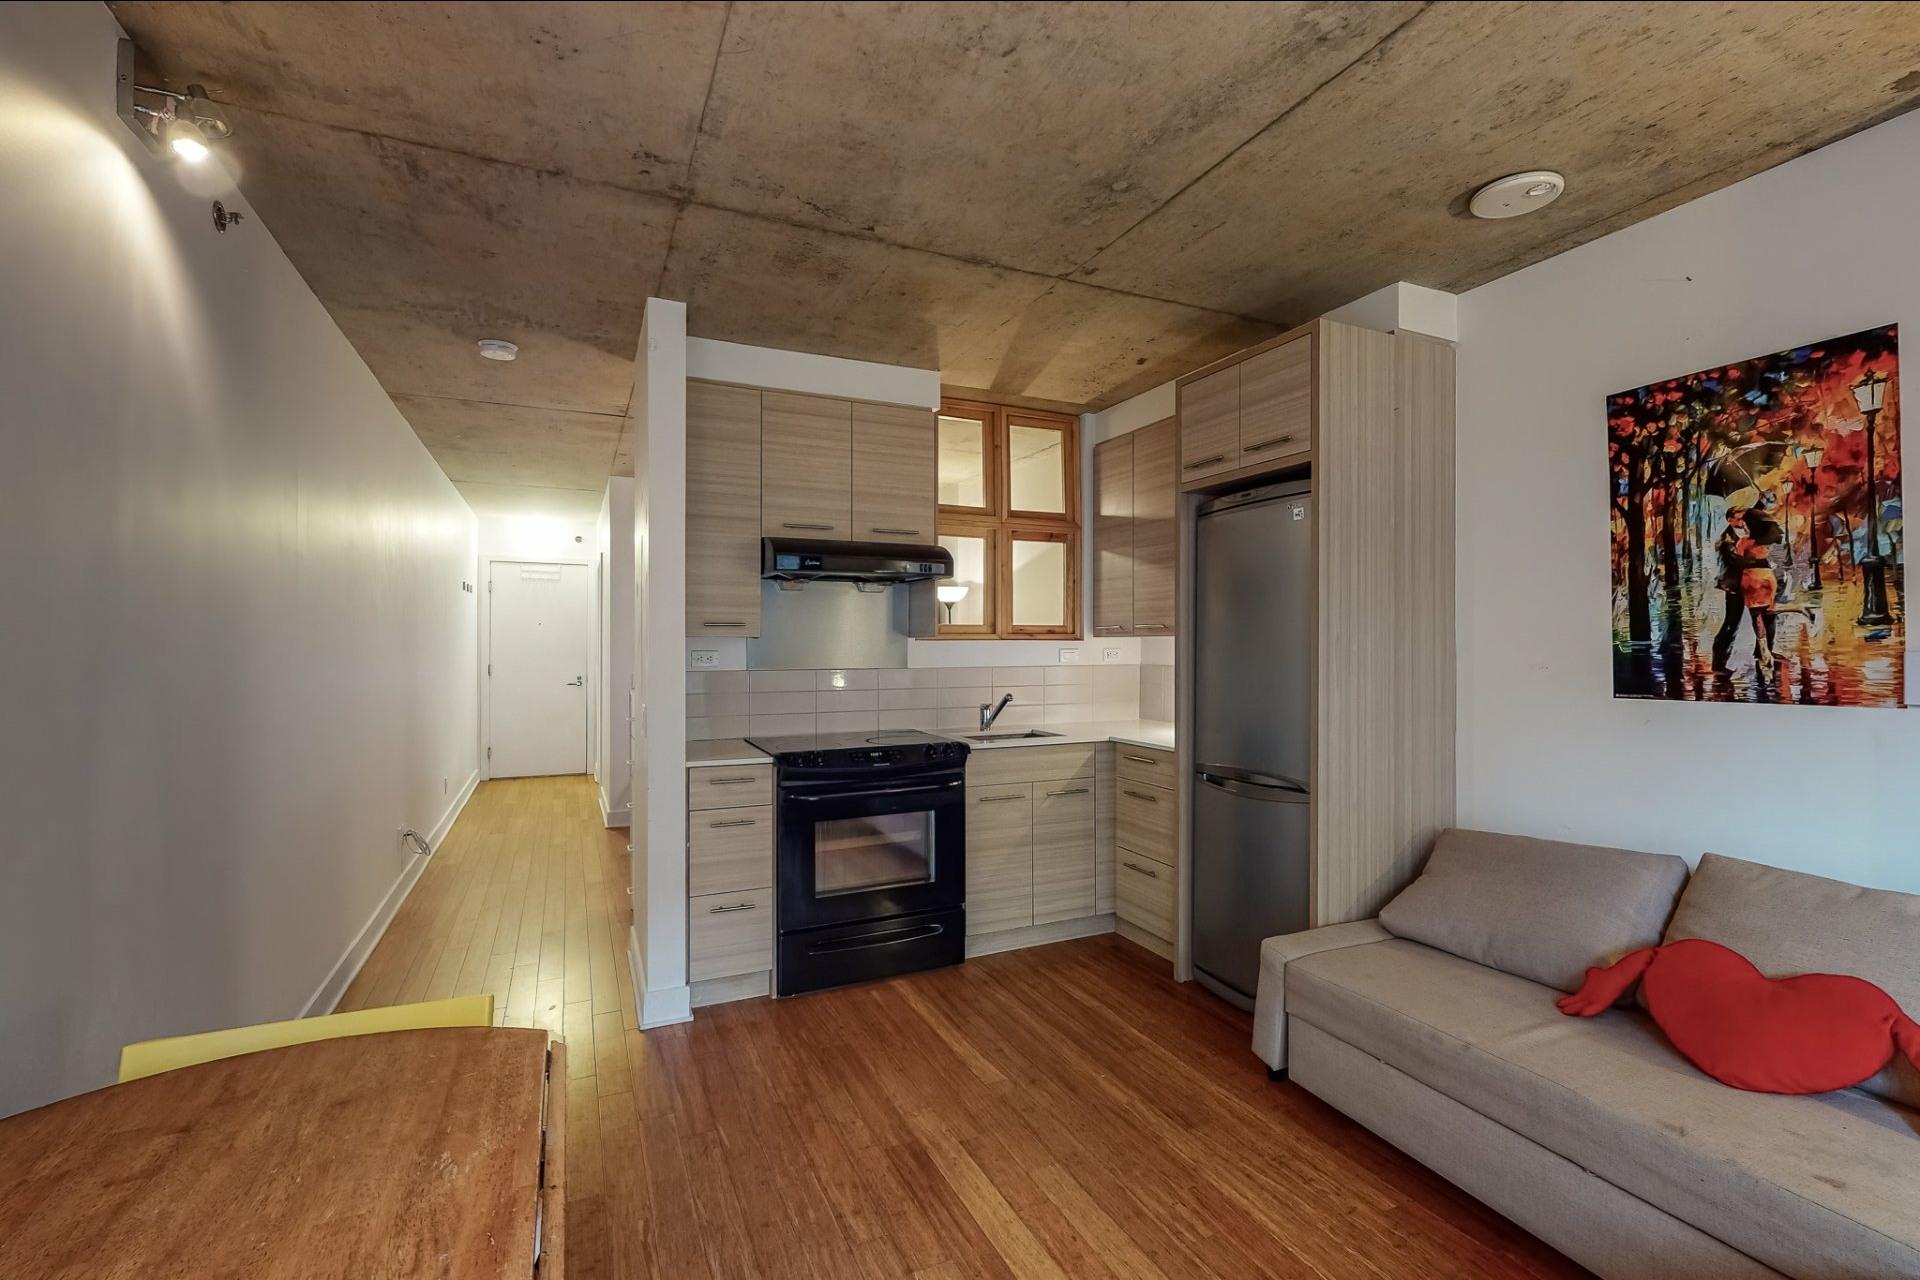 image 8 - Apartment For sale Ville-Marie Montréal  - 2 rooms